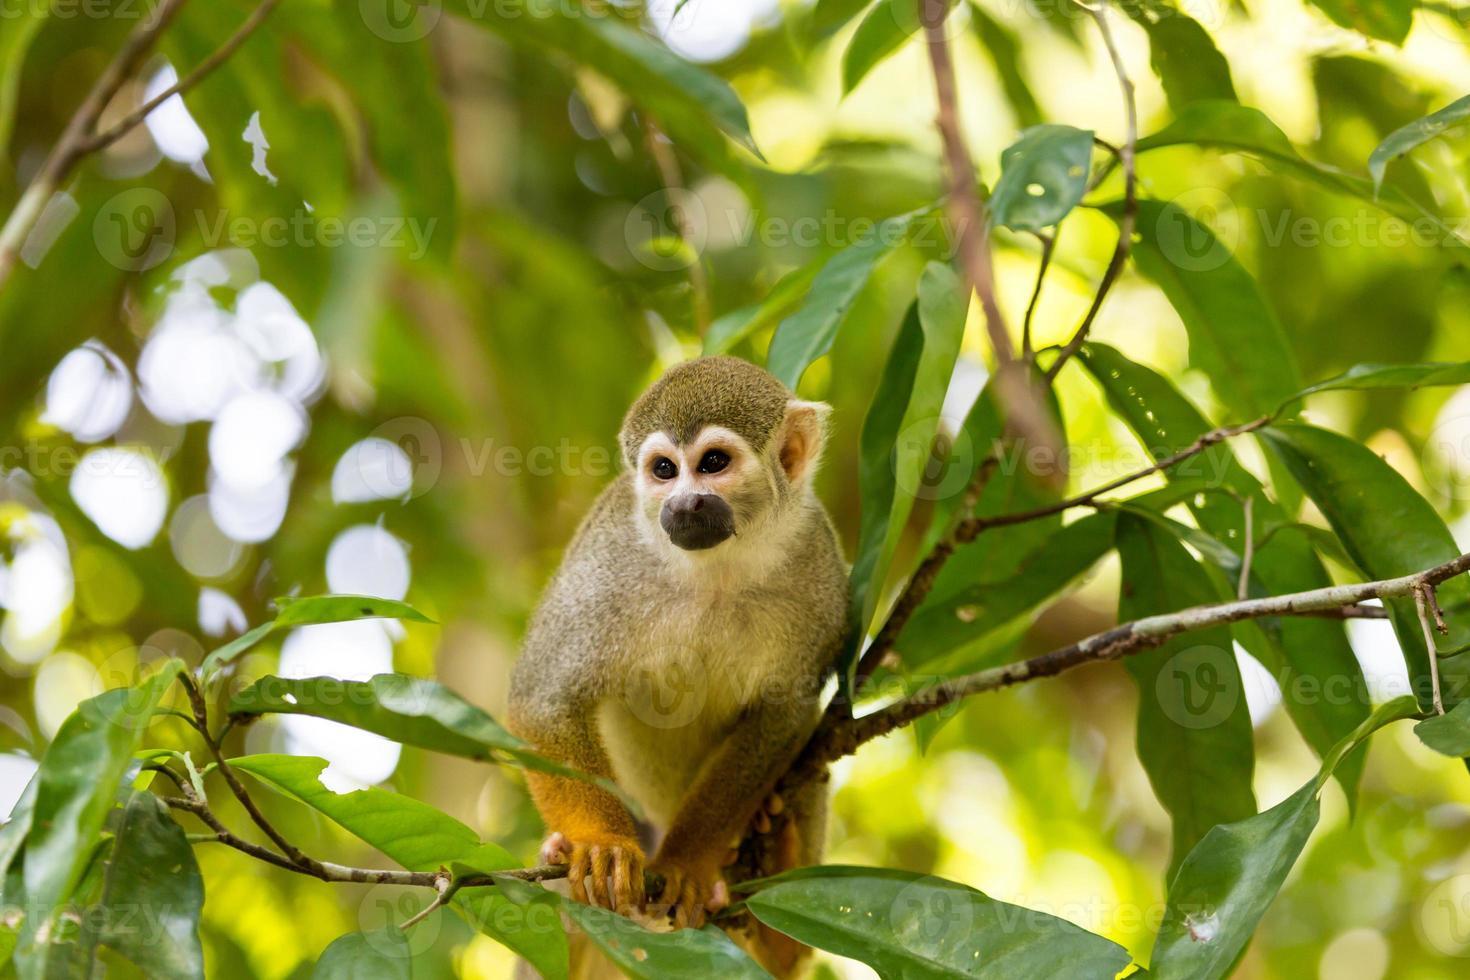 Black-capped eekhoorn aap zittend op een boom foto